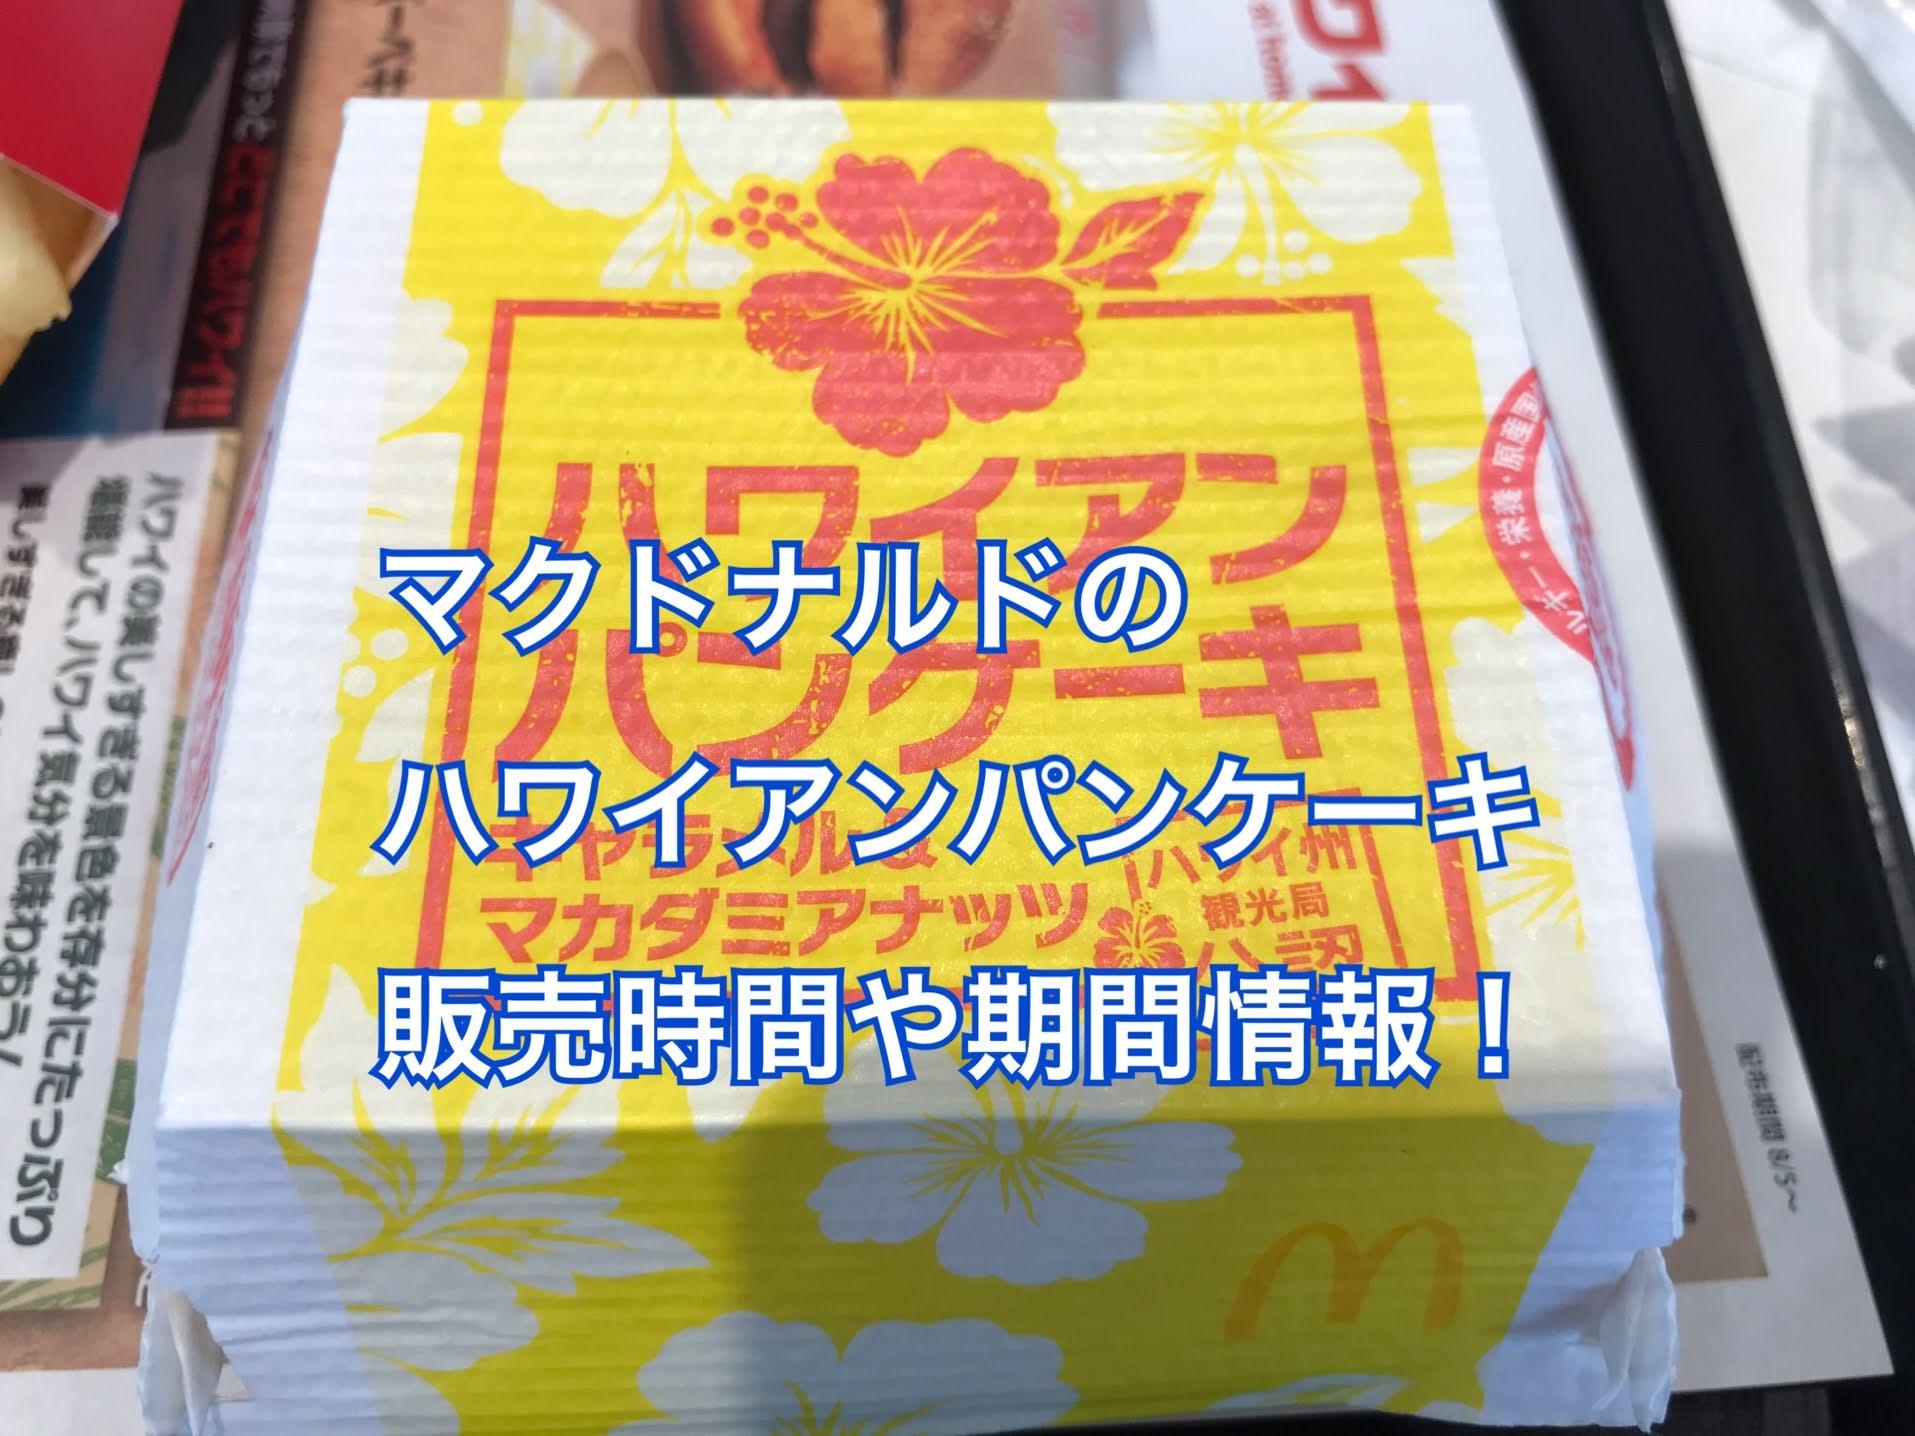 マクドナルドのハワイアンパンケーキの販売時間は?いつまでで終了?